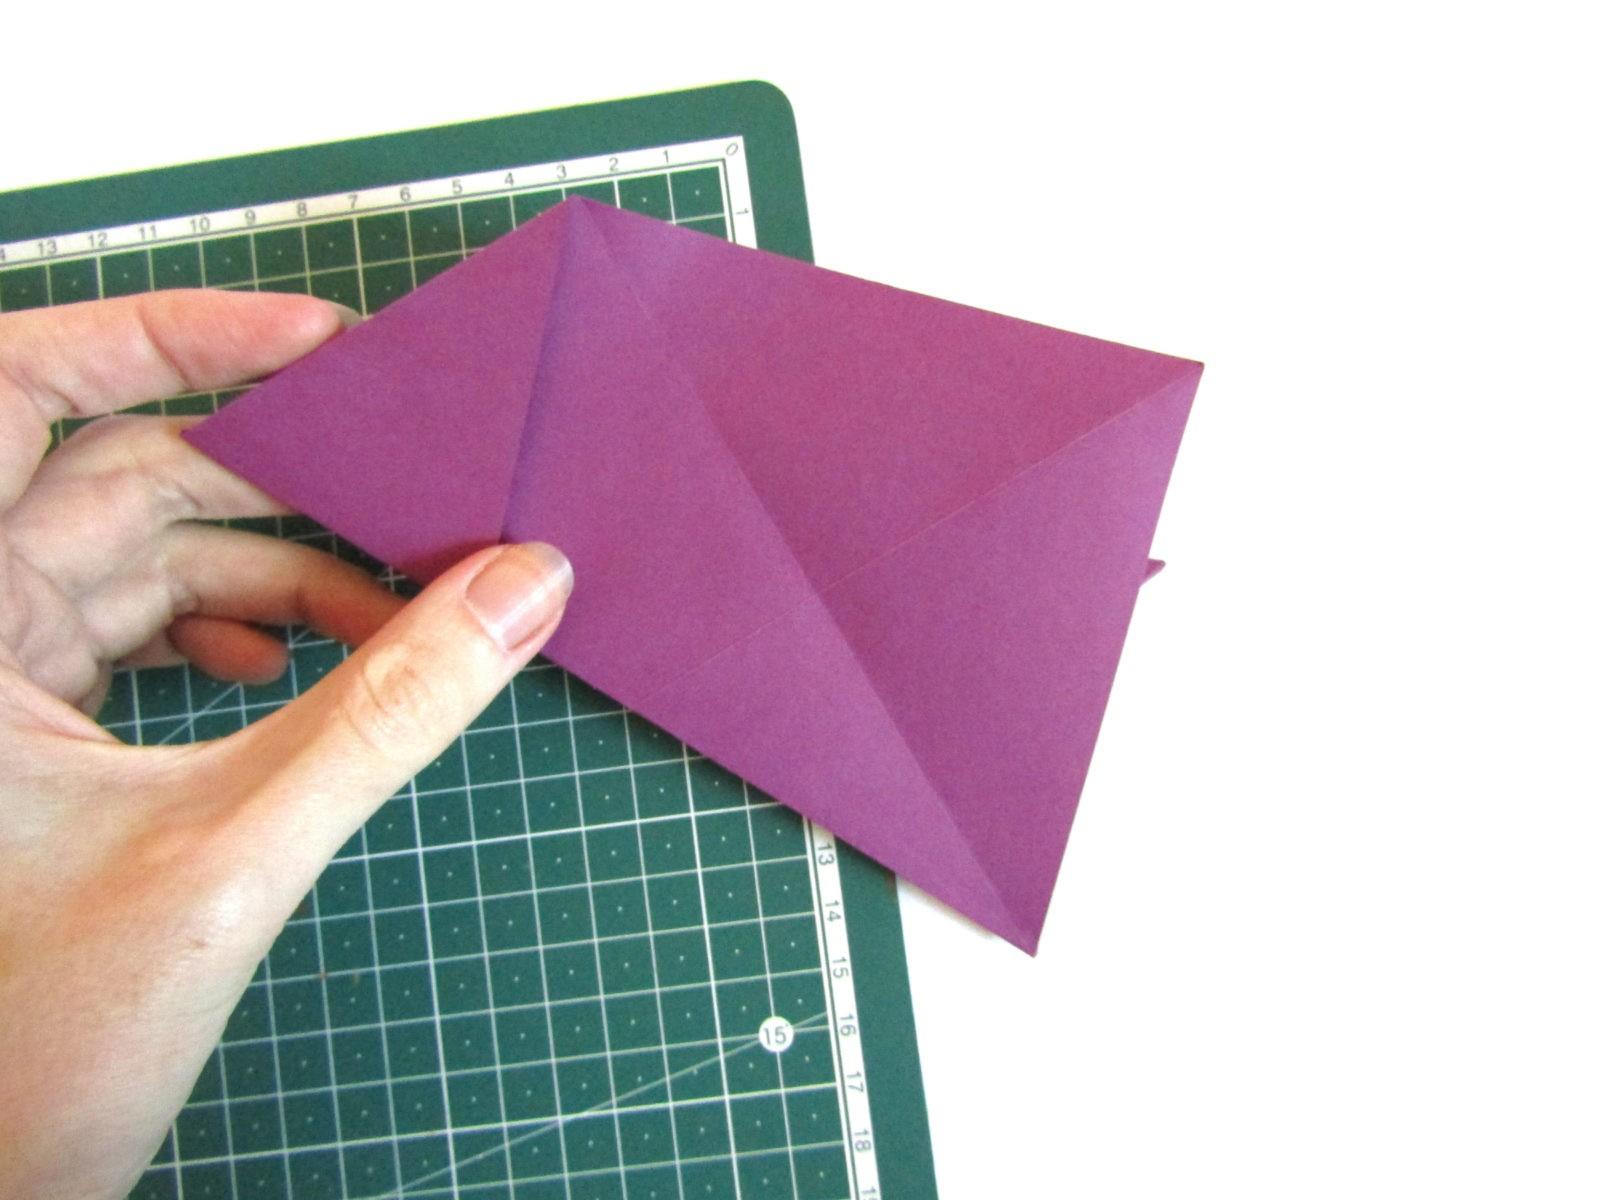 Очень легко и просто можно создать объемную поделку без использования клея. Конечно, даже ножницы могут и не понадобиться, если изначально у вас будет готовая заготовка в виде квадрата. Так получим собачку оригами благодаря ловкости рук! - 11